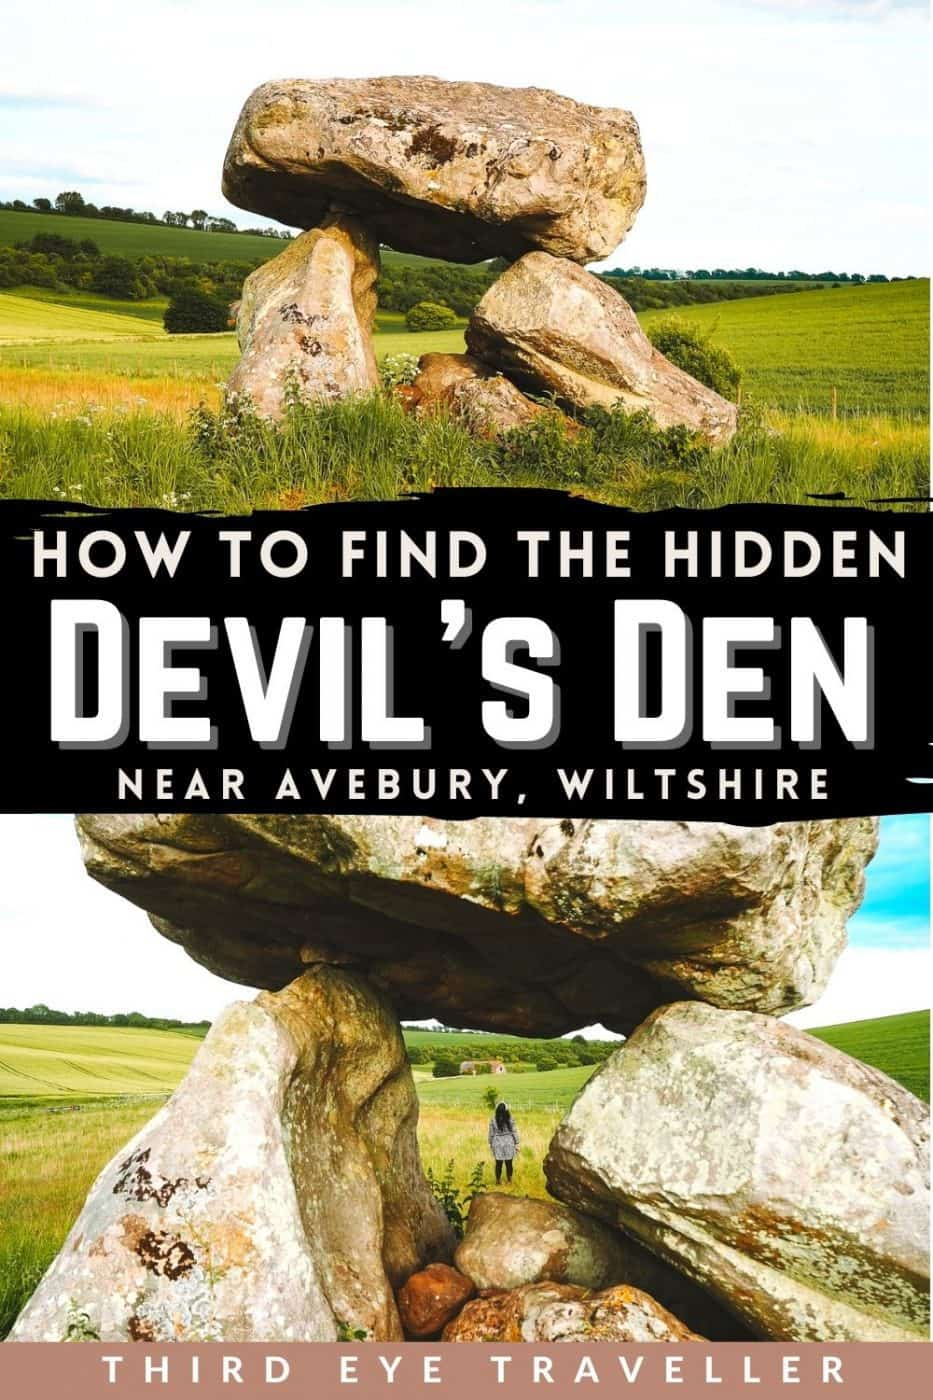 How to find the Devil's Den Fyfield Down Avebury